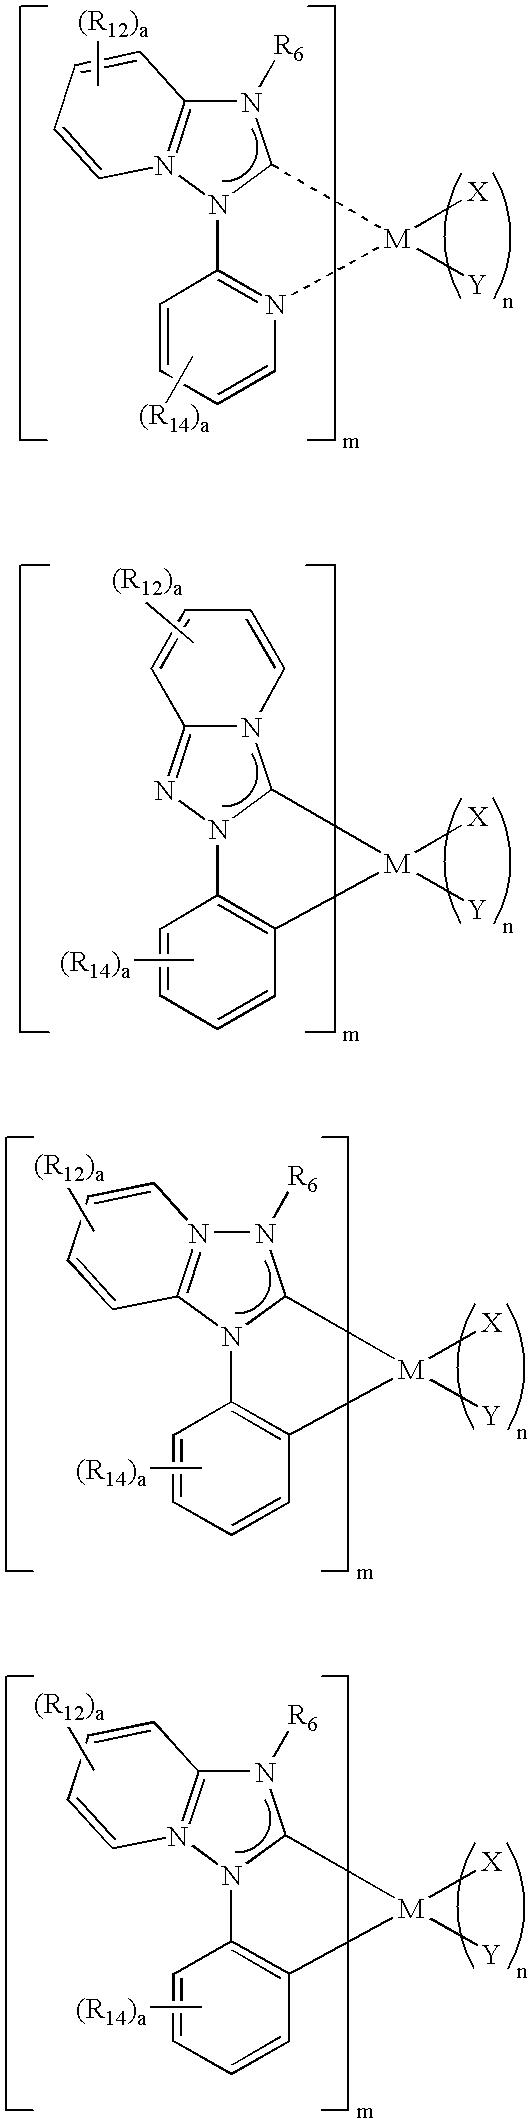 Figure US20050260441A1-20051124-C00040